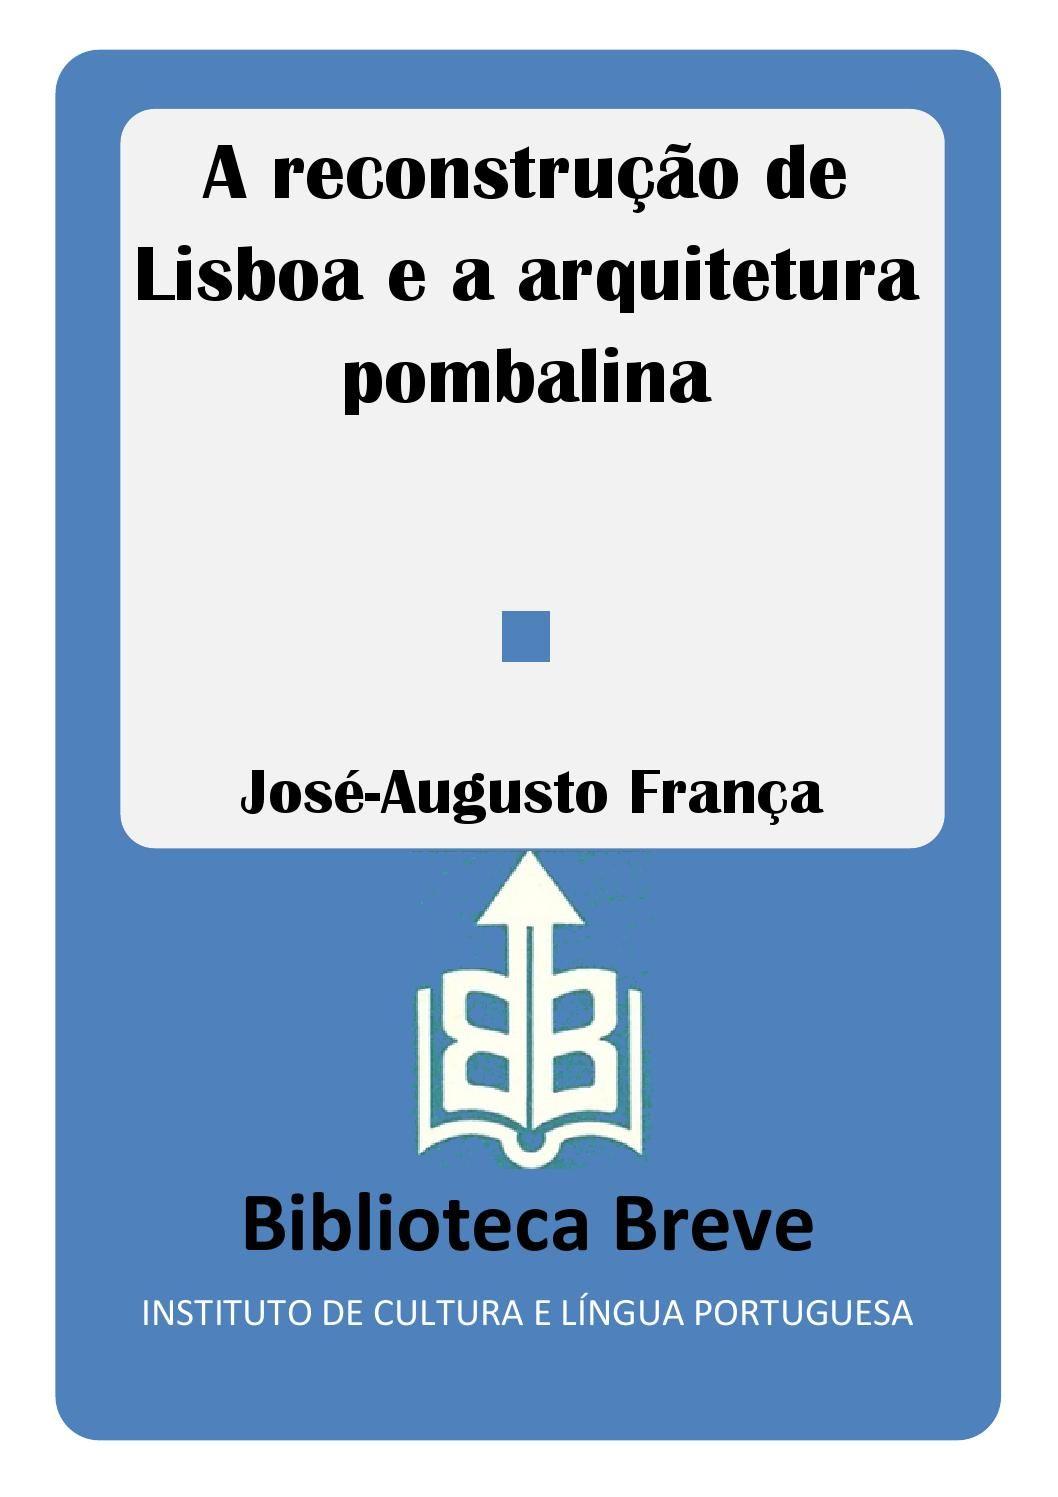 A reconstrução de Lx e a arquitectura pombalina (José A. França)